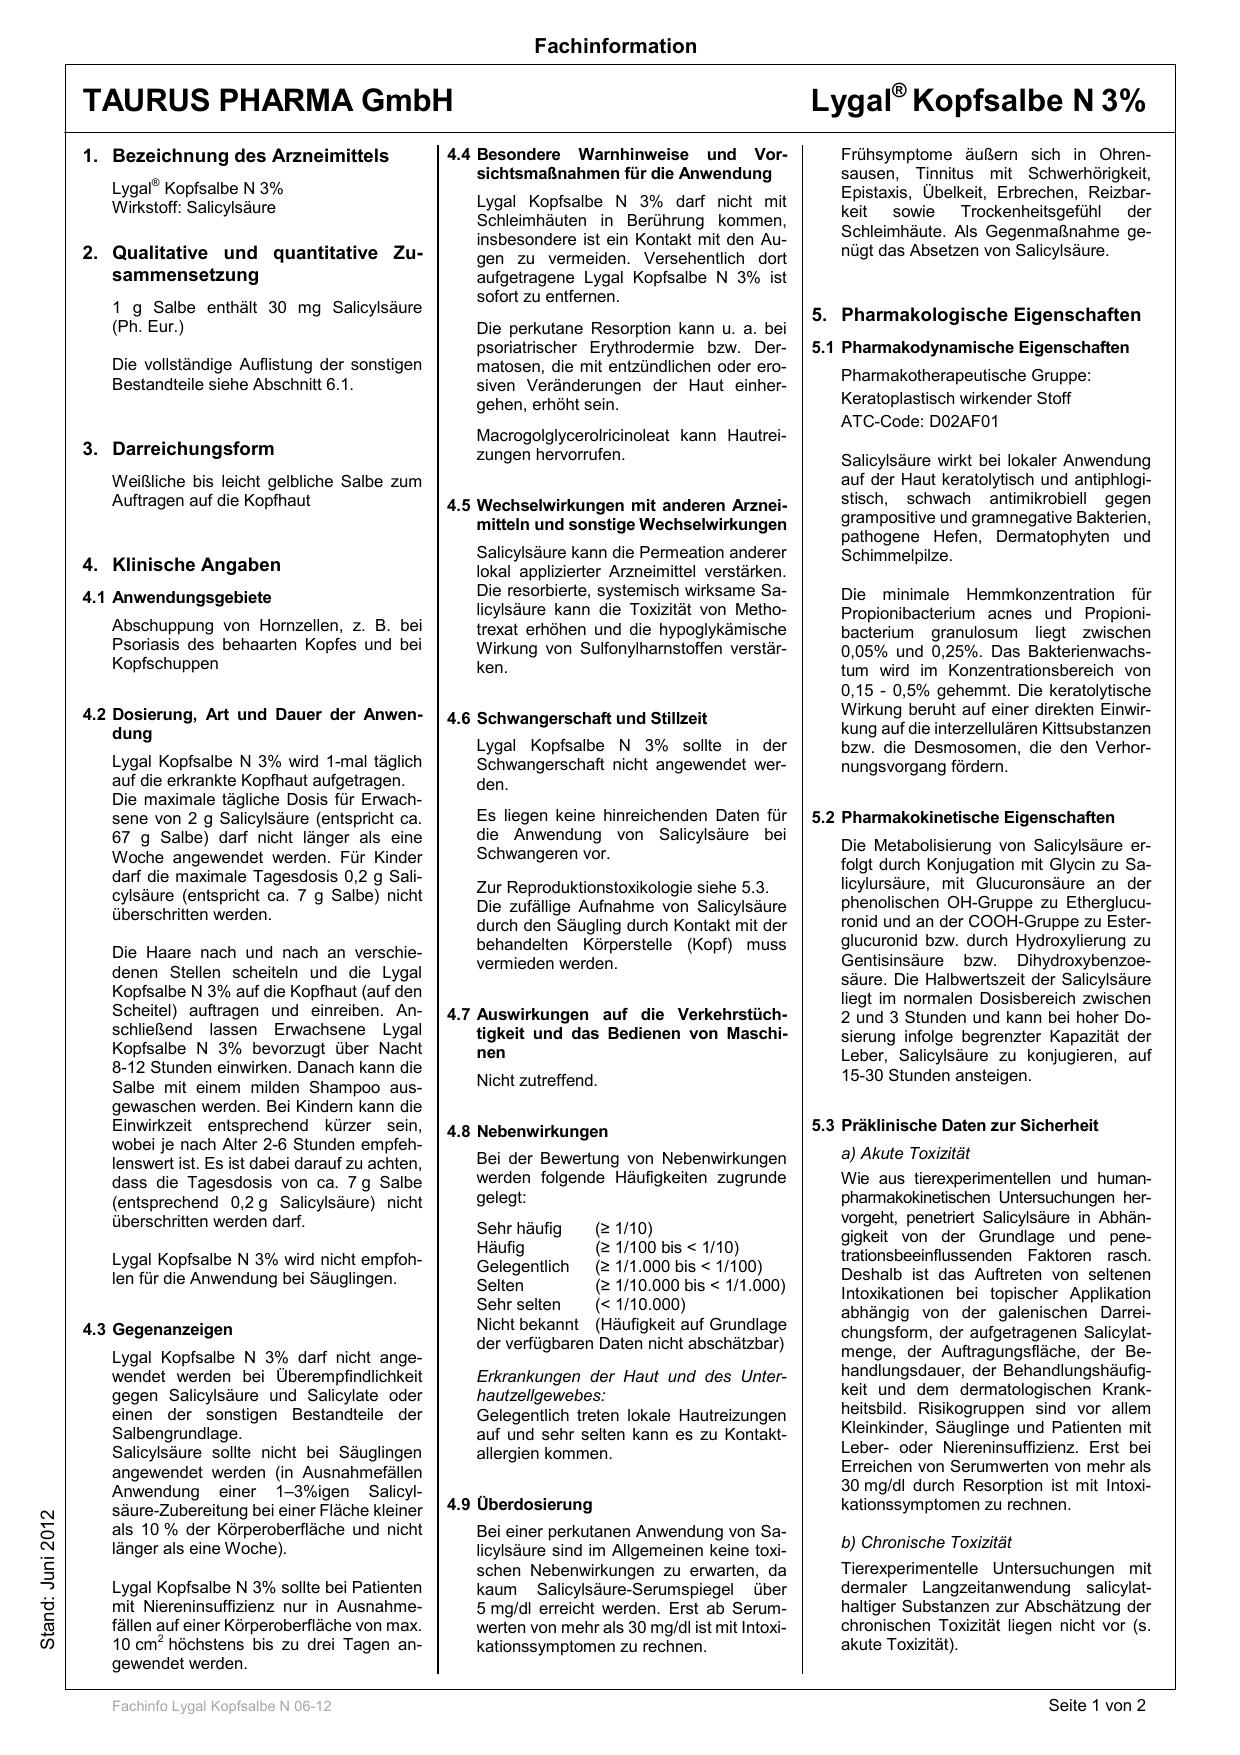 Fachinfo Lygal Kopfsalbe N 06-12 - Shop